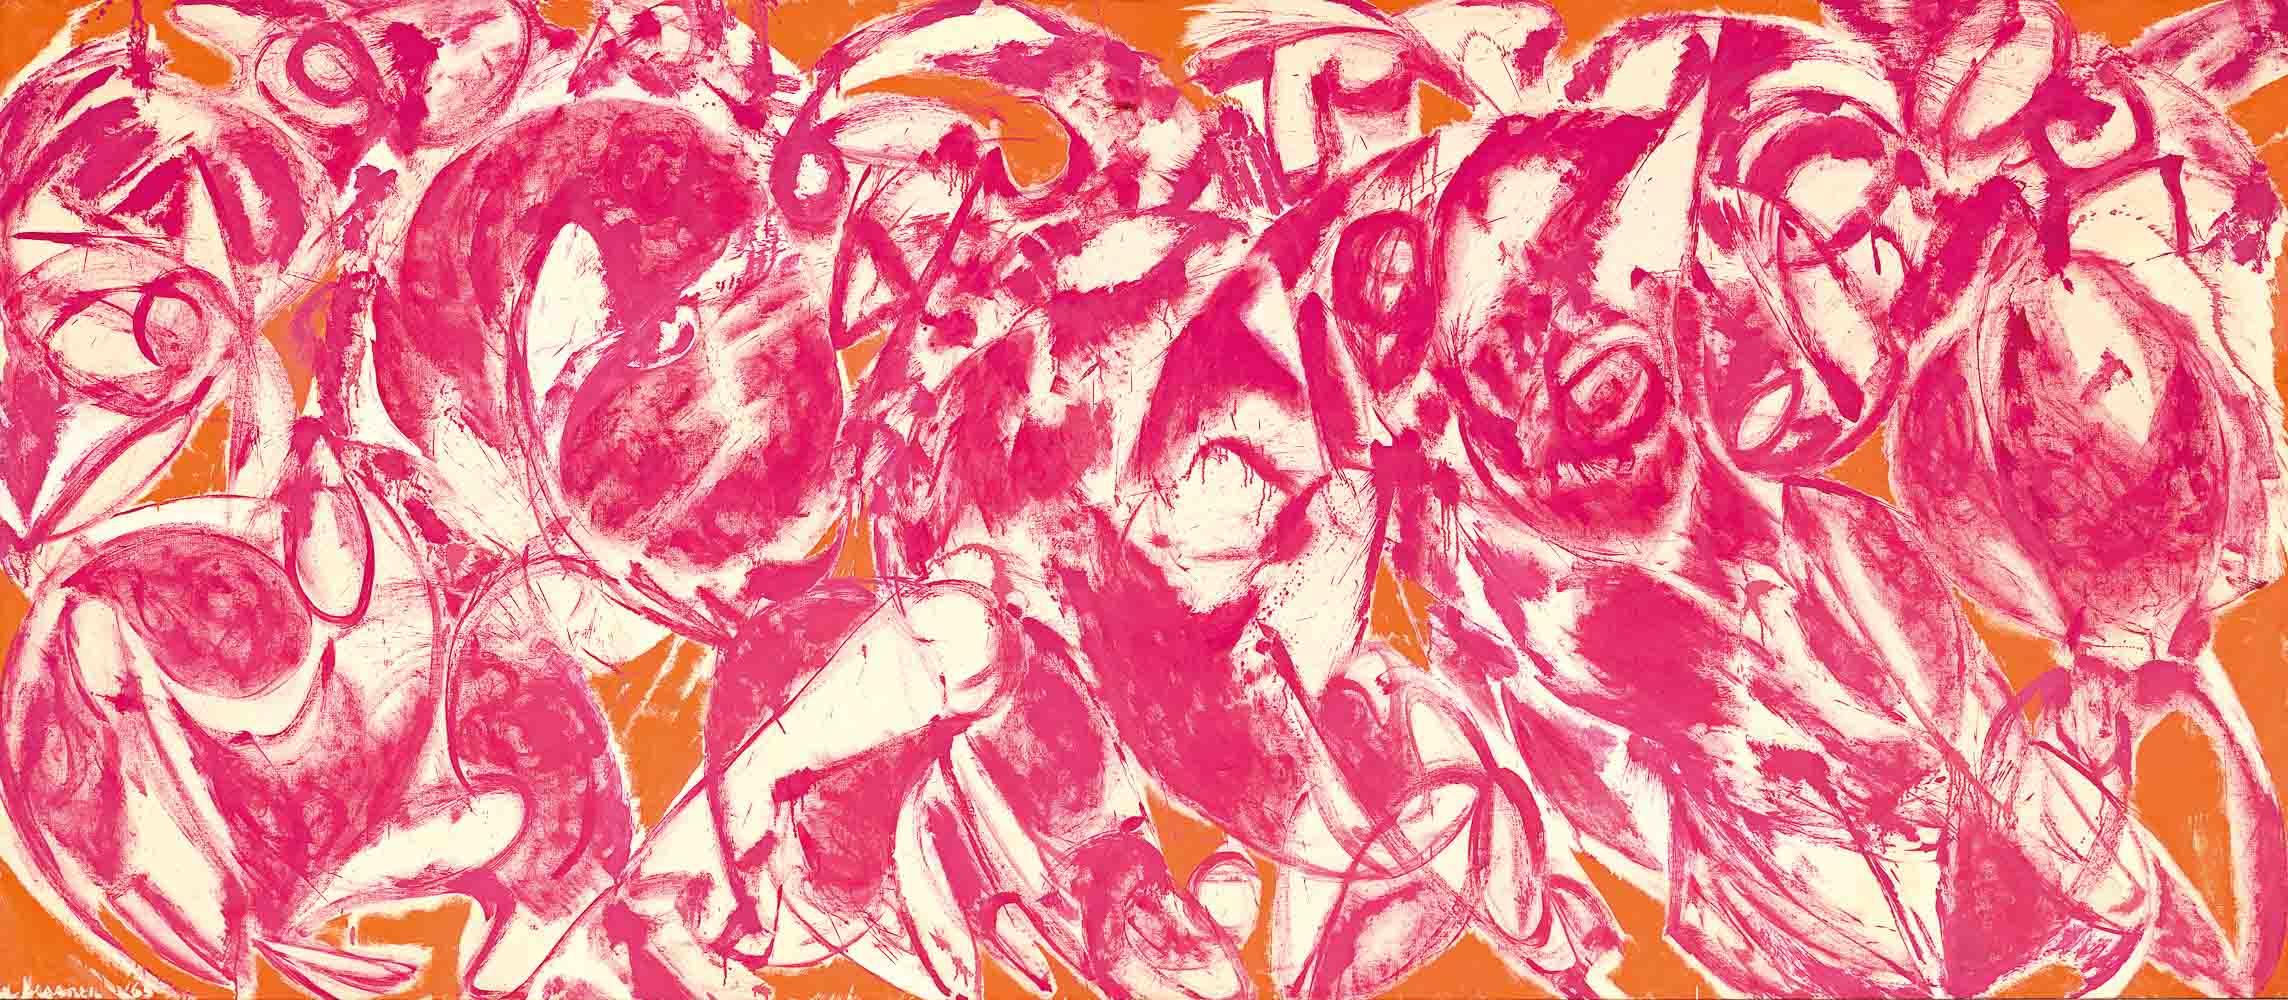 LEE KRASNER, 11. OKTOBER 2019 – 12. JANUAR 2020, Lee Krasner, Combat, 1965, National Gallery of Victoria, Melbourne, Felton Bequest, 1992 (IC1-1992). © VG Bild-Kunst Bonn, 2019 & The Pollock-Krasner Foundation/ ARS, New York. Licensed by Copyright Agency, 2018.